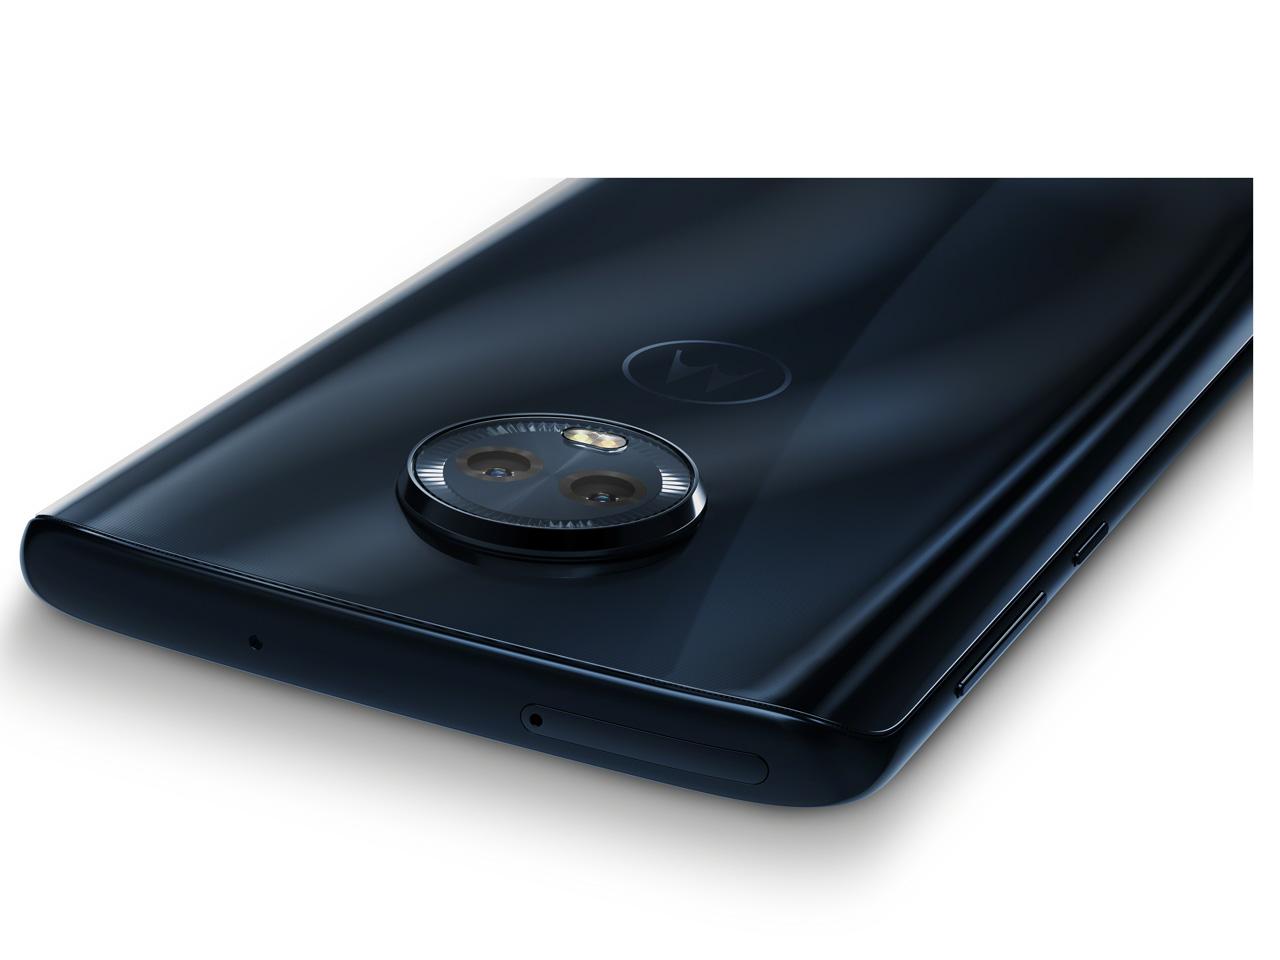 『本体 部分アップ』 moto g6 Plus SIMフリー の製品画像